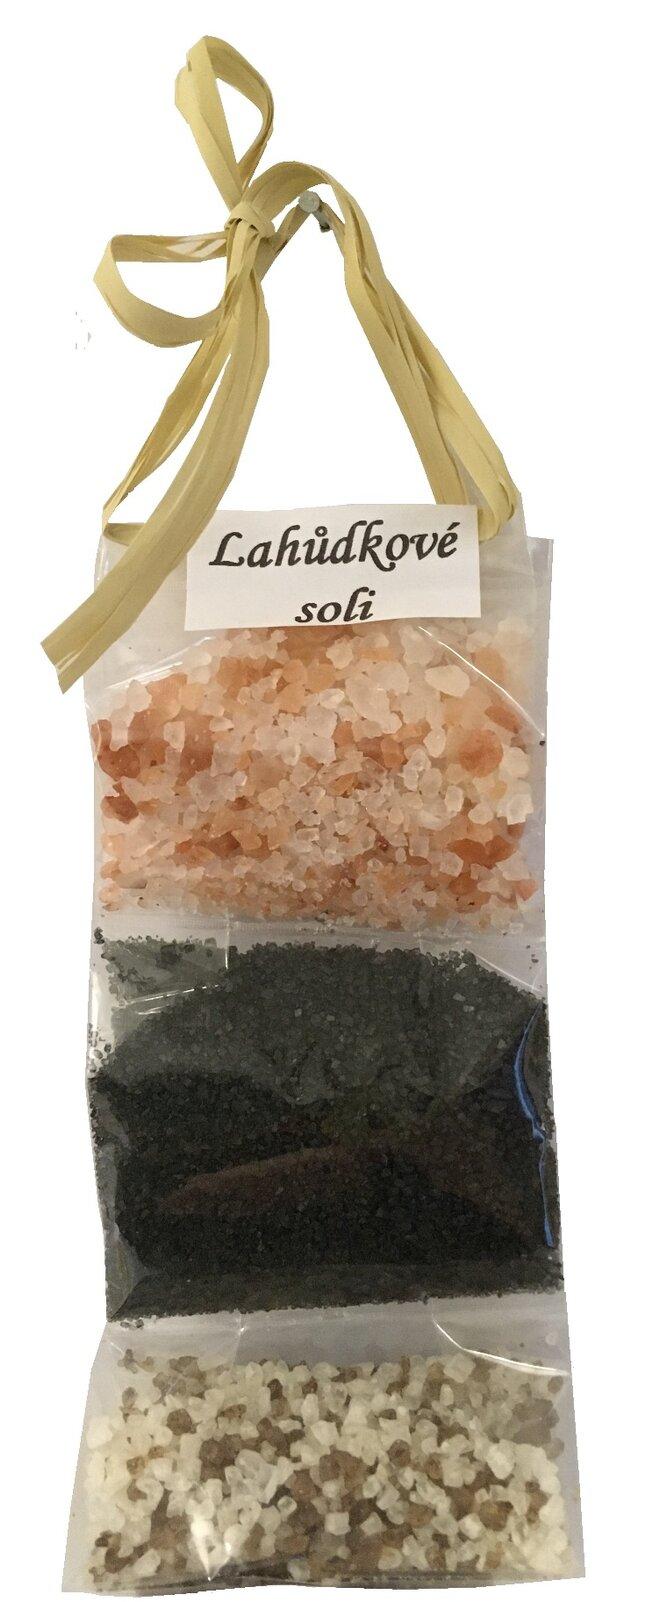 Lahůdkové soli, 100 g